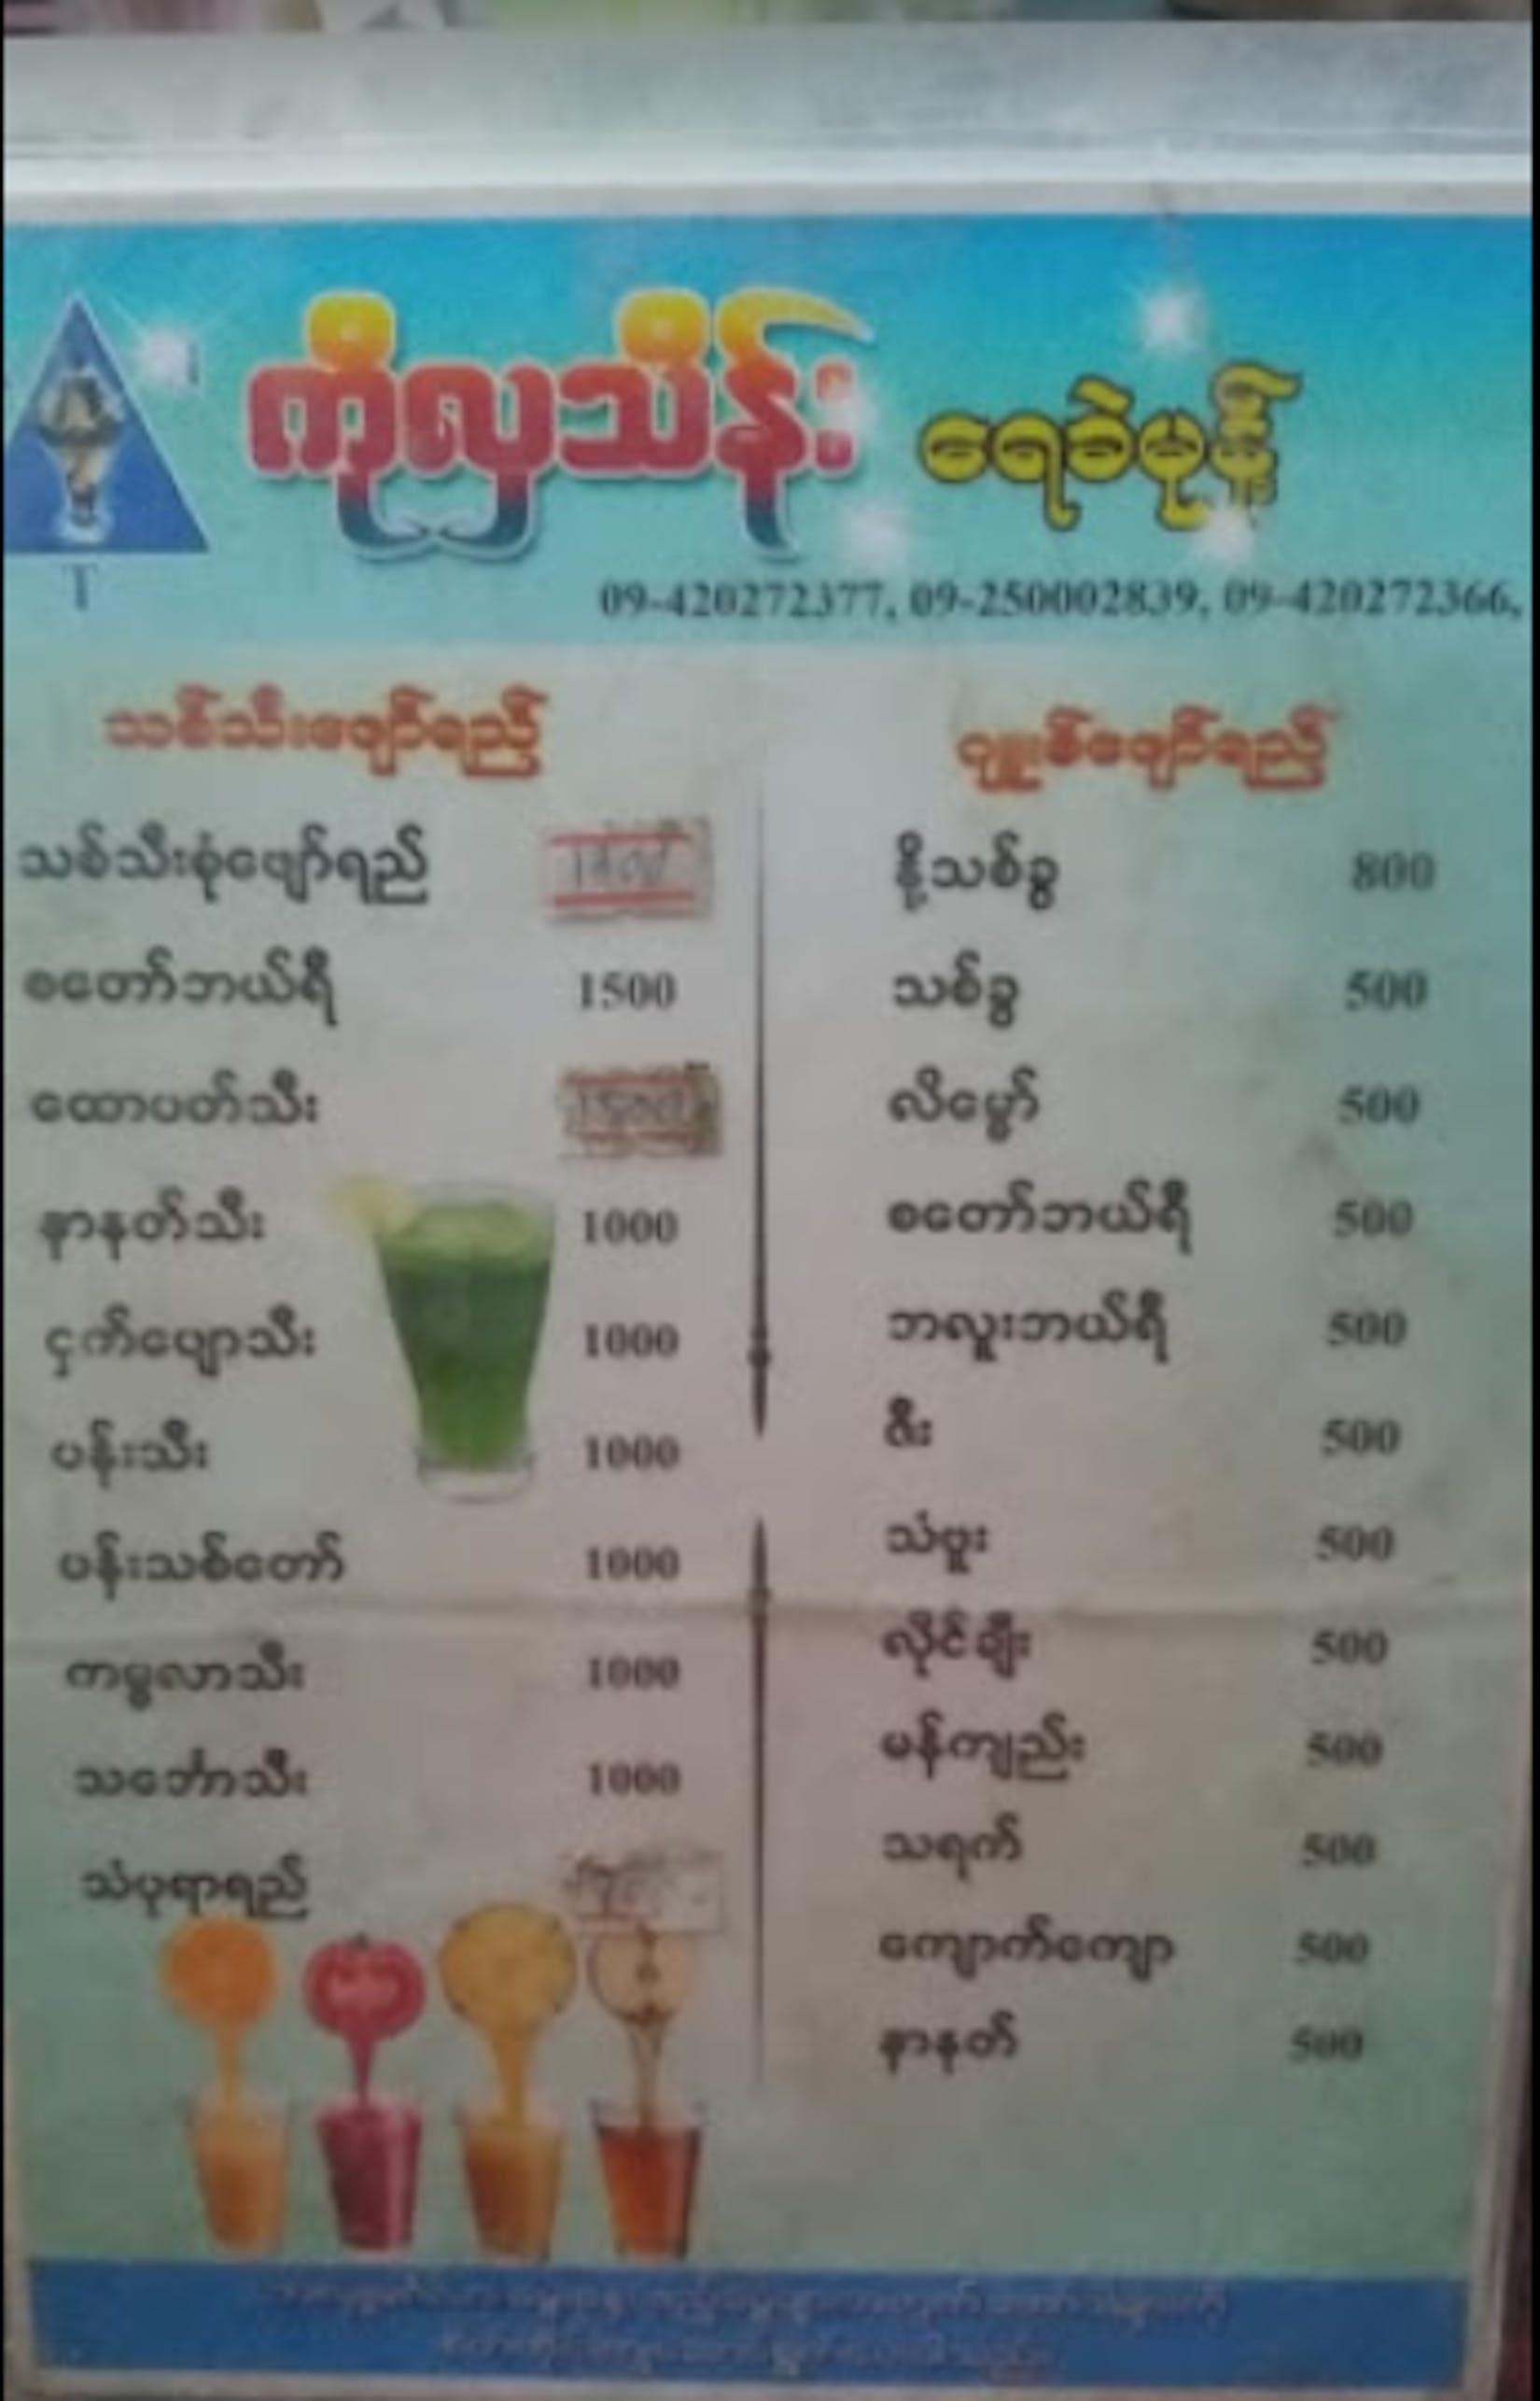 Ko Hla Thein Ice Cream And Dessert   yathar